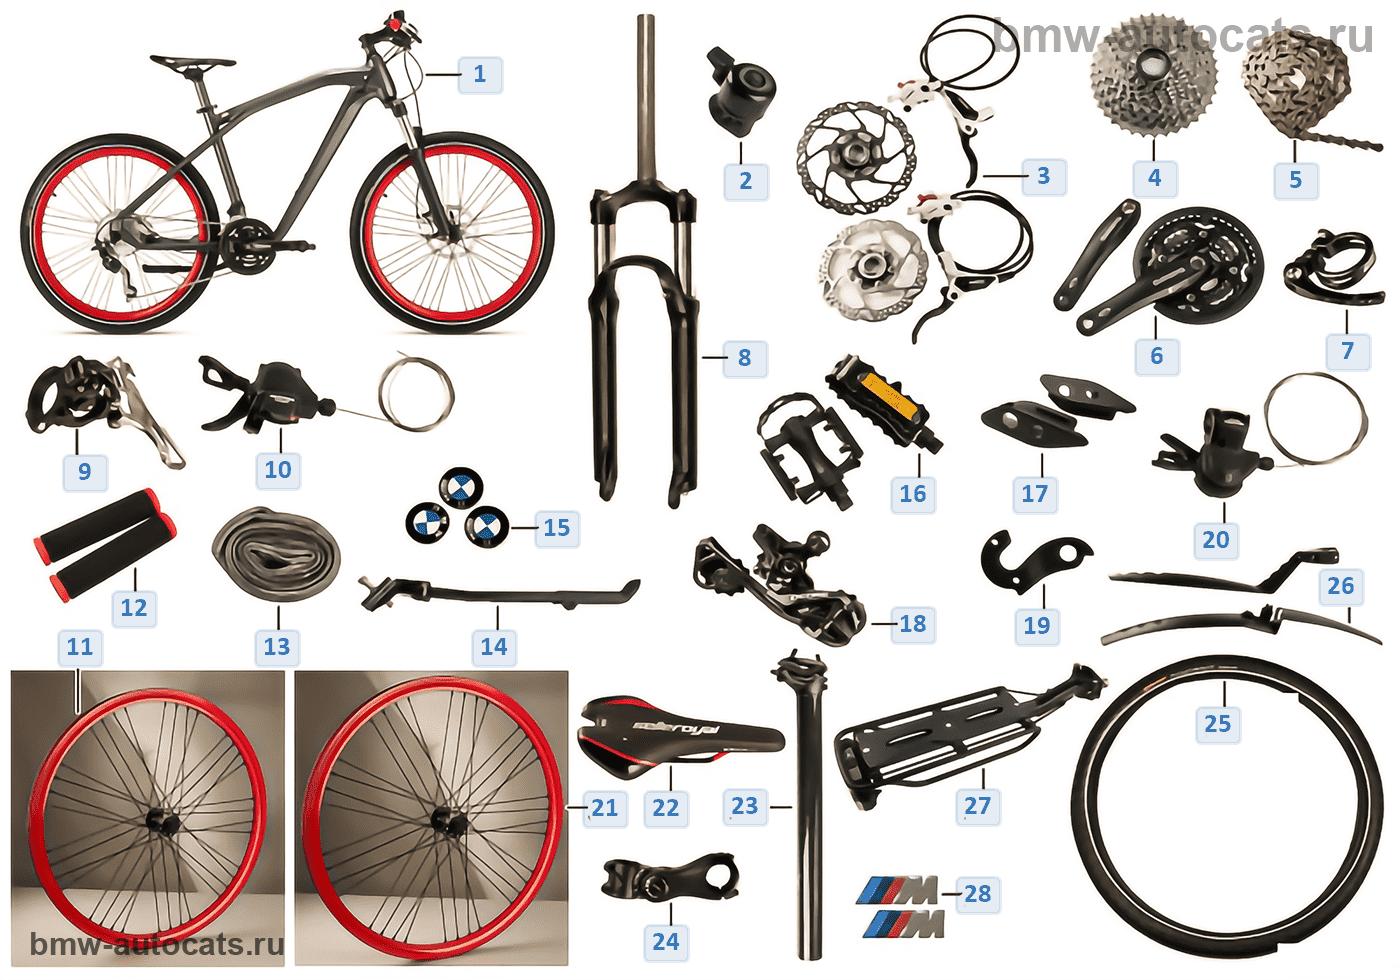 Запасные части BMW — Cruise M-Bike 2014